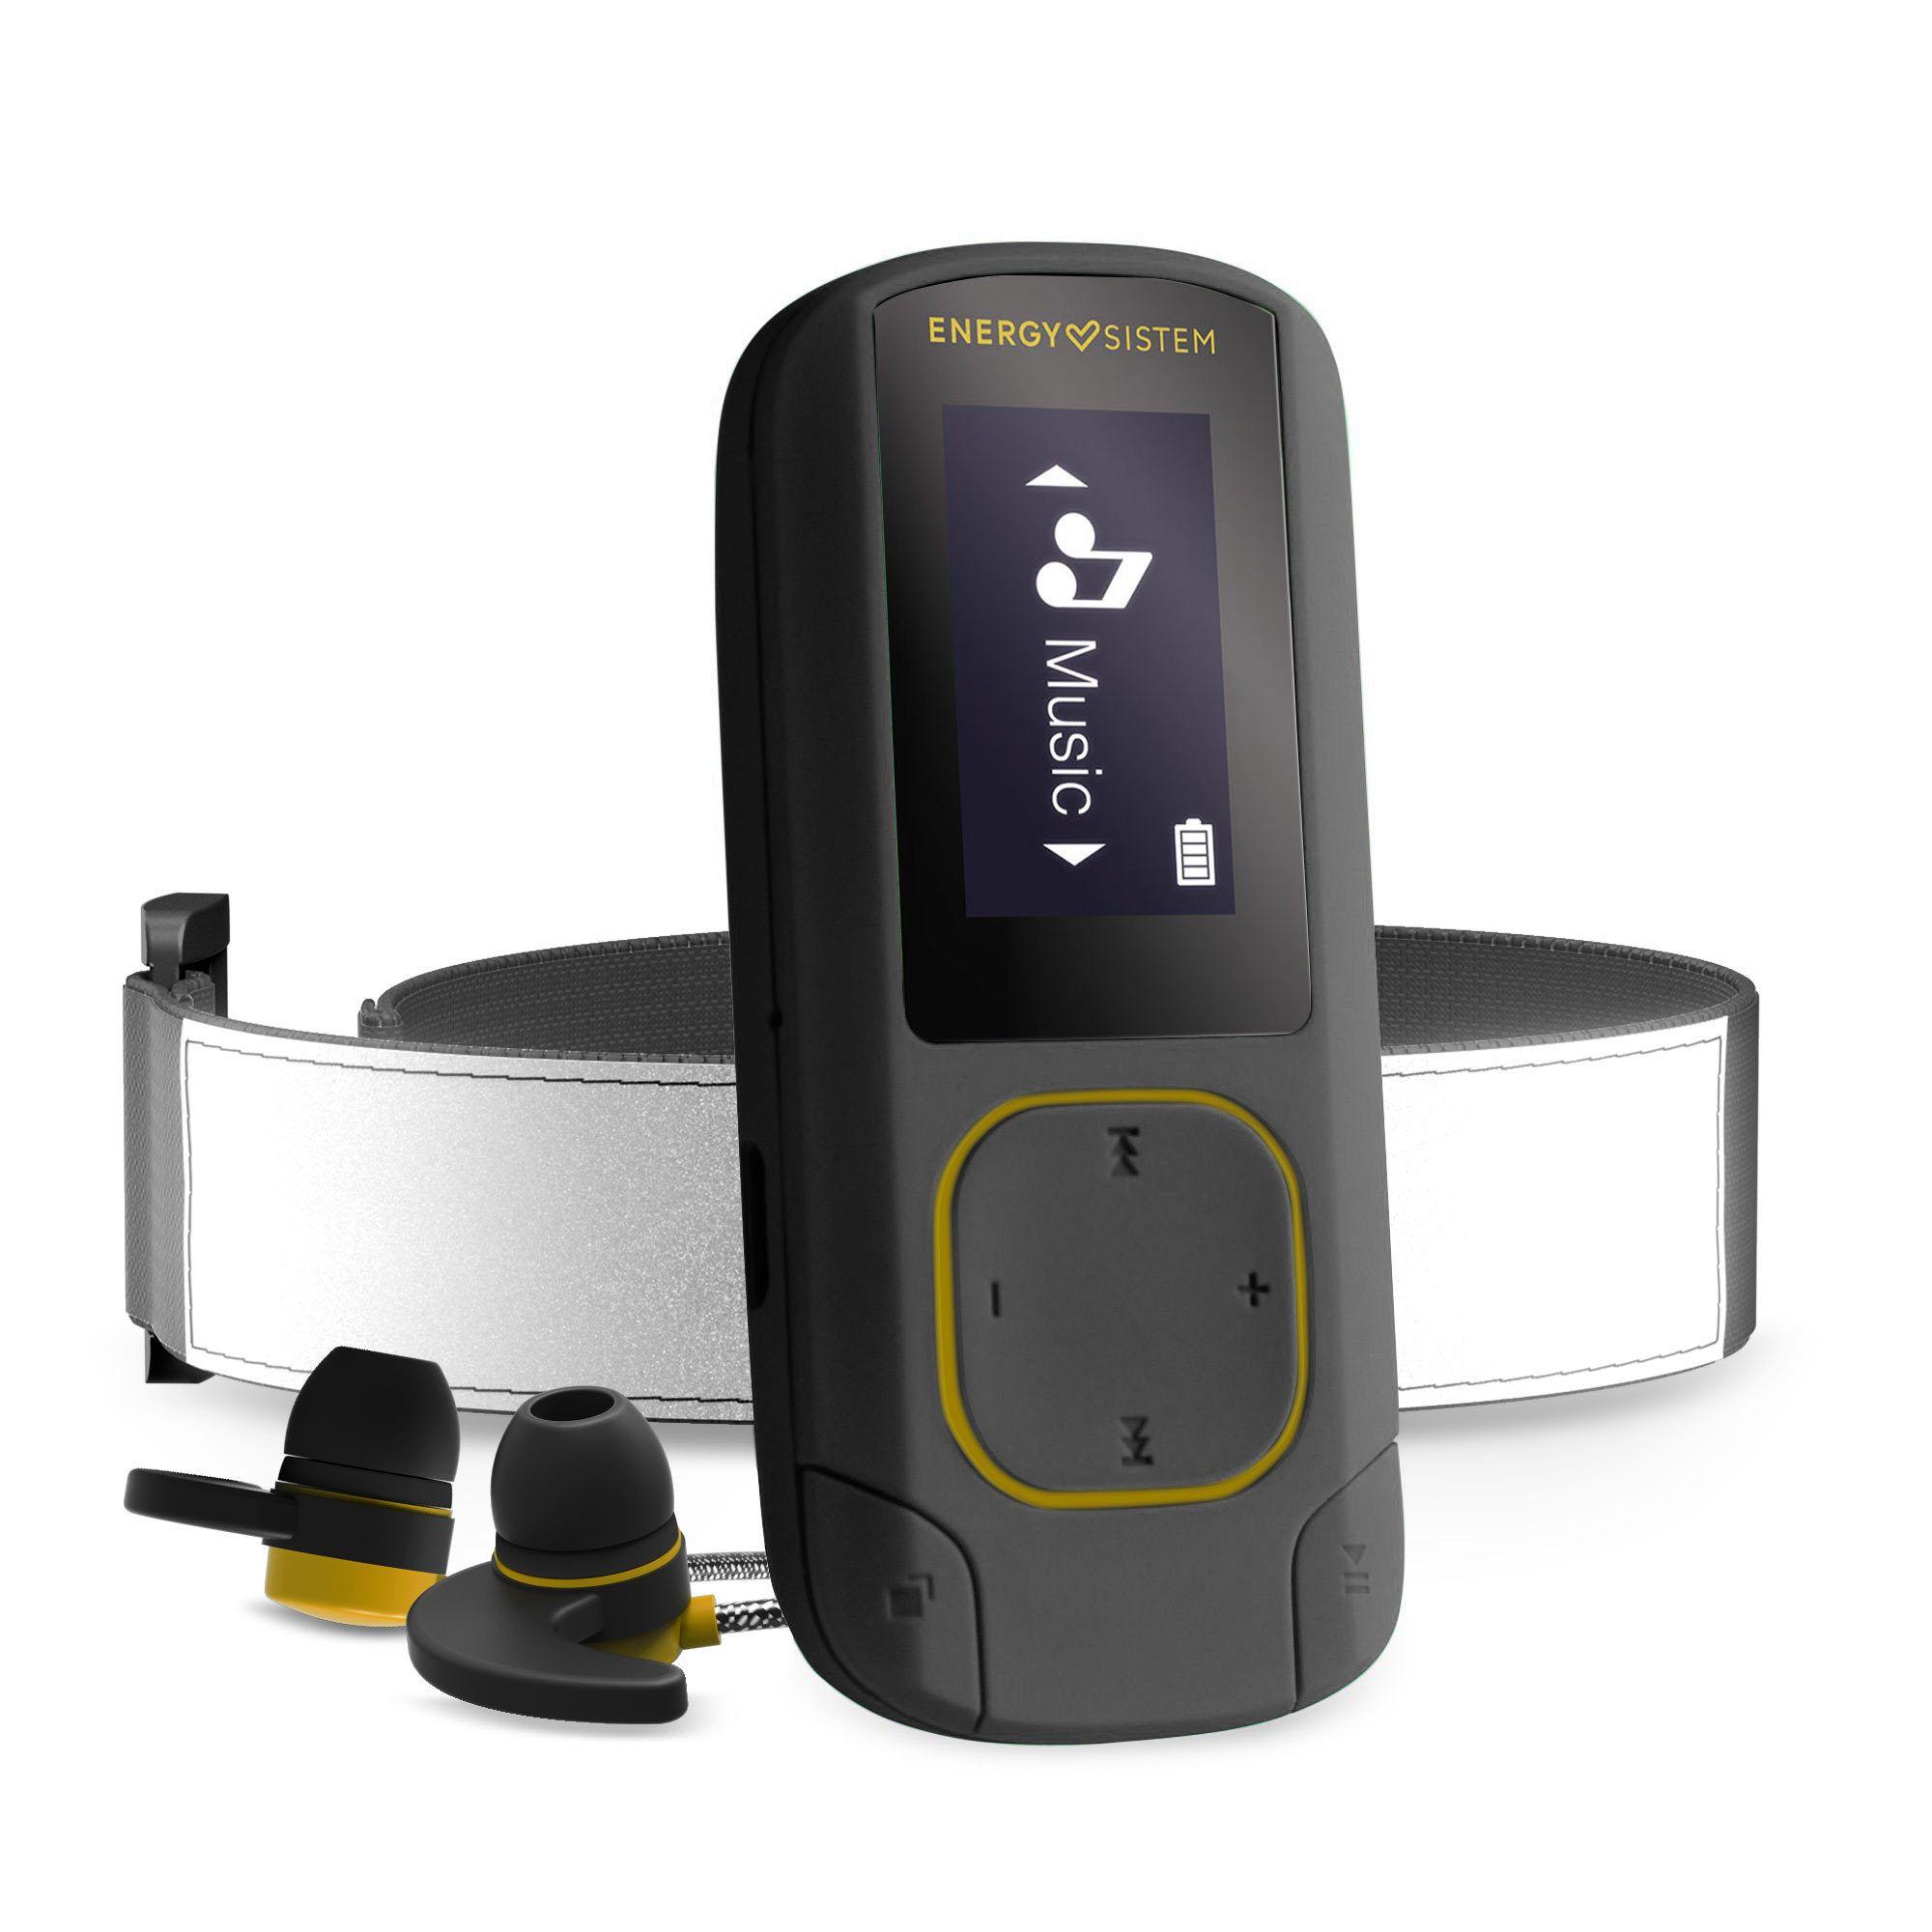 Energy Sistem MP3 Clip BT Sport Amber Reproductor de MP3 Ámbar 16 GB